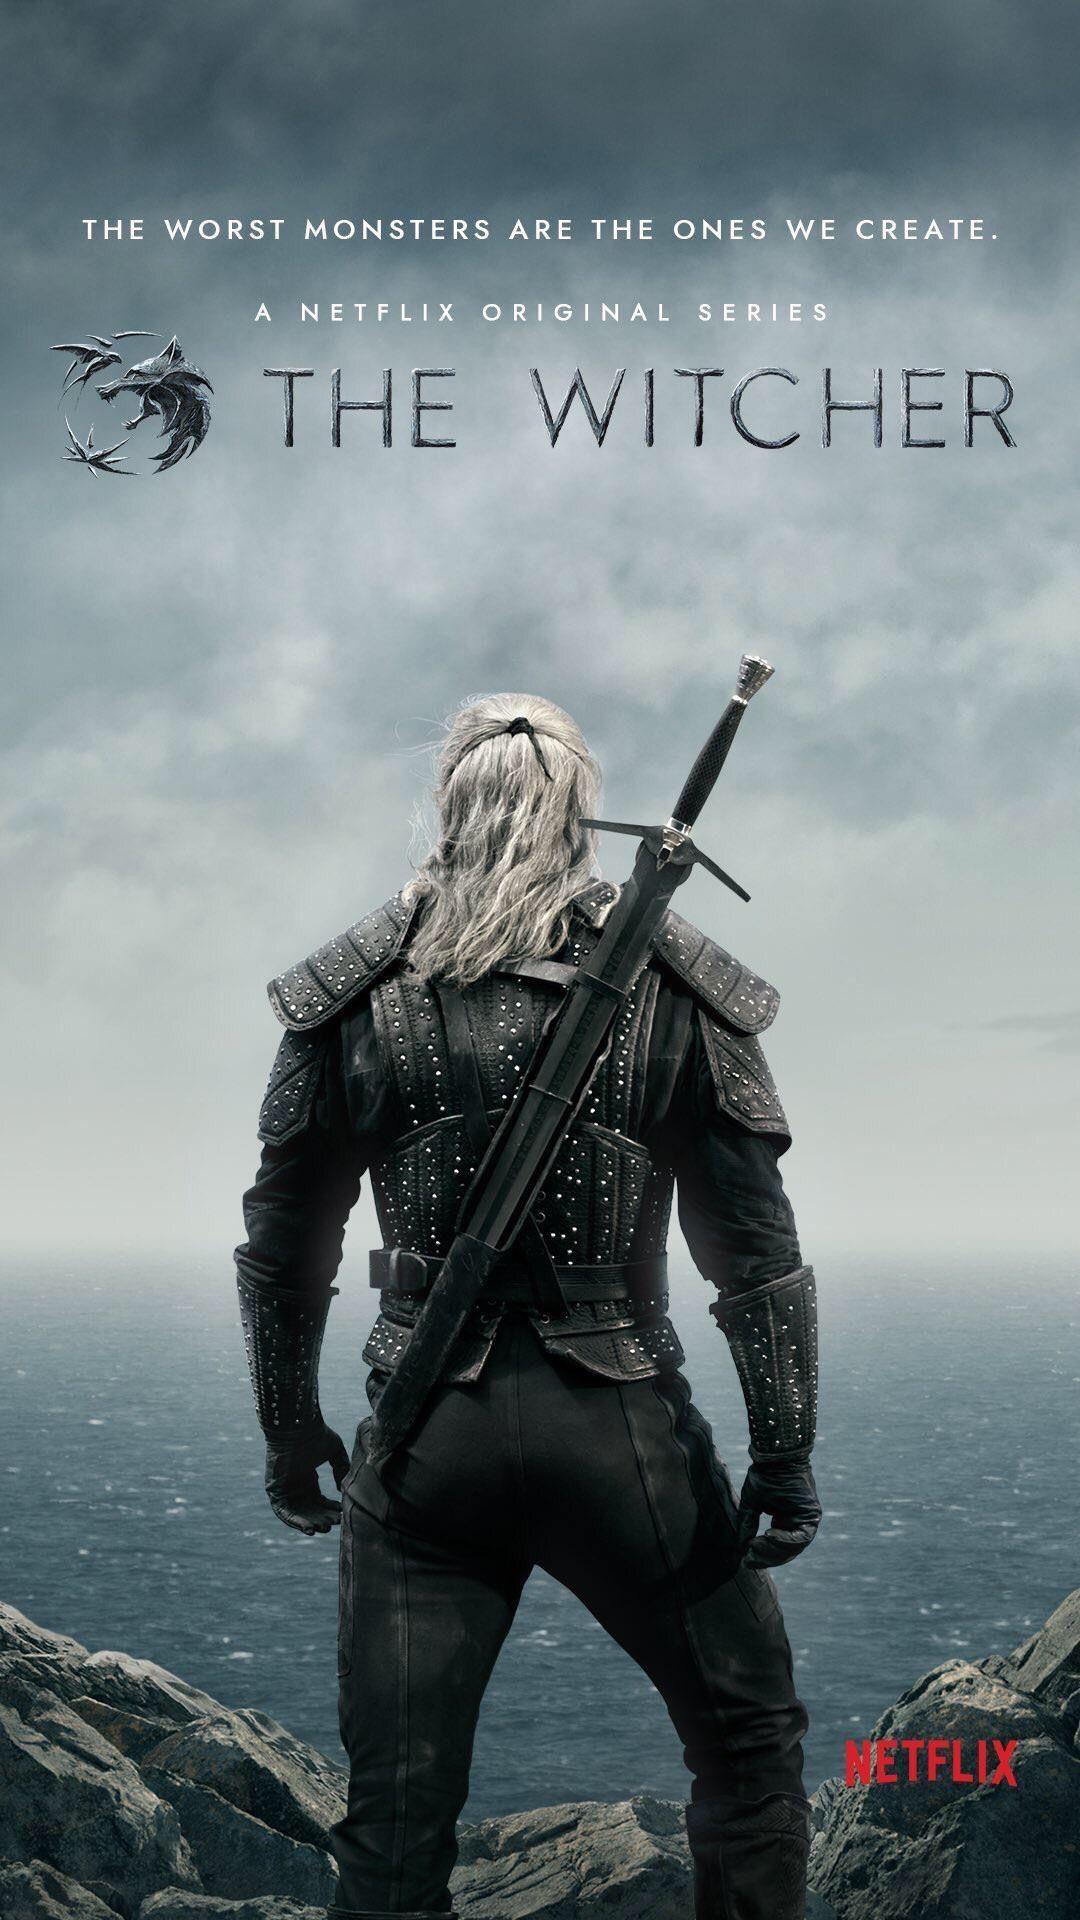 The Witcher Geralt Of Rivia Netflix Series